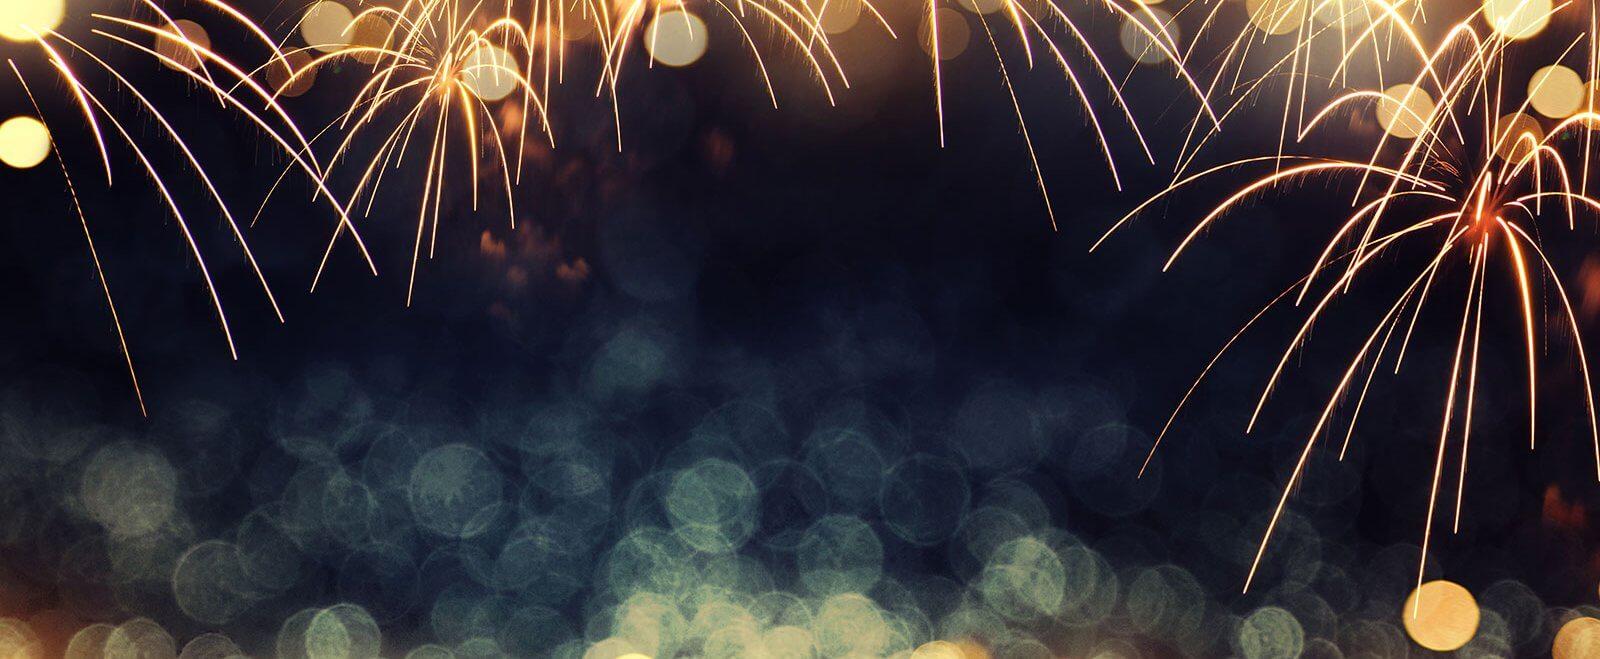 Einen guten Rutsch in ein digital-komfortables Neues Jahr!